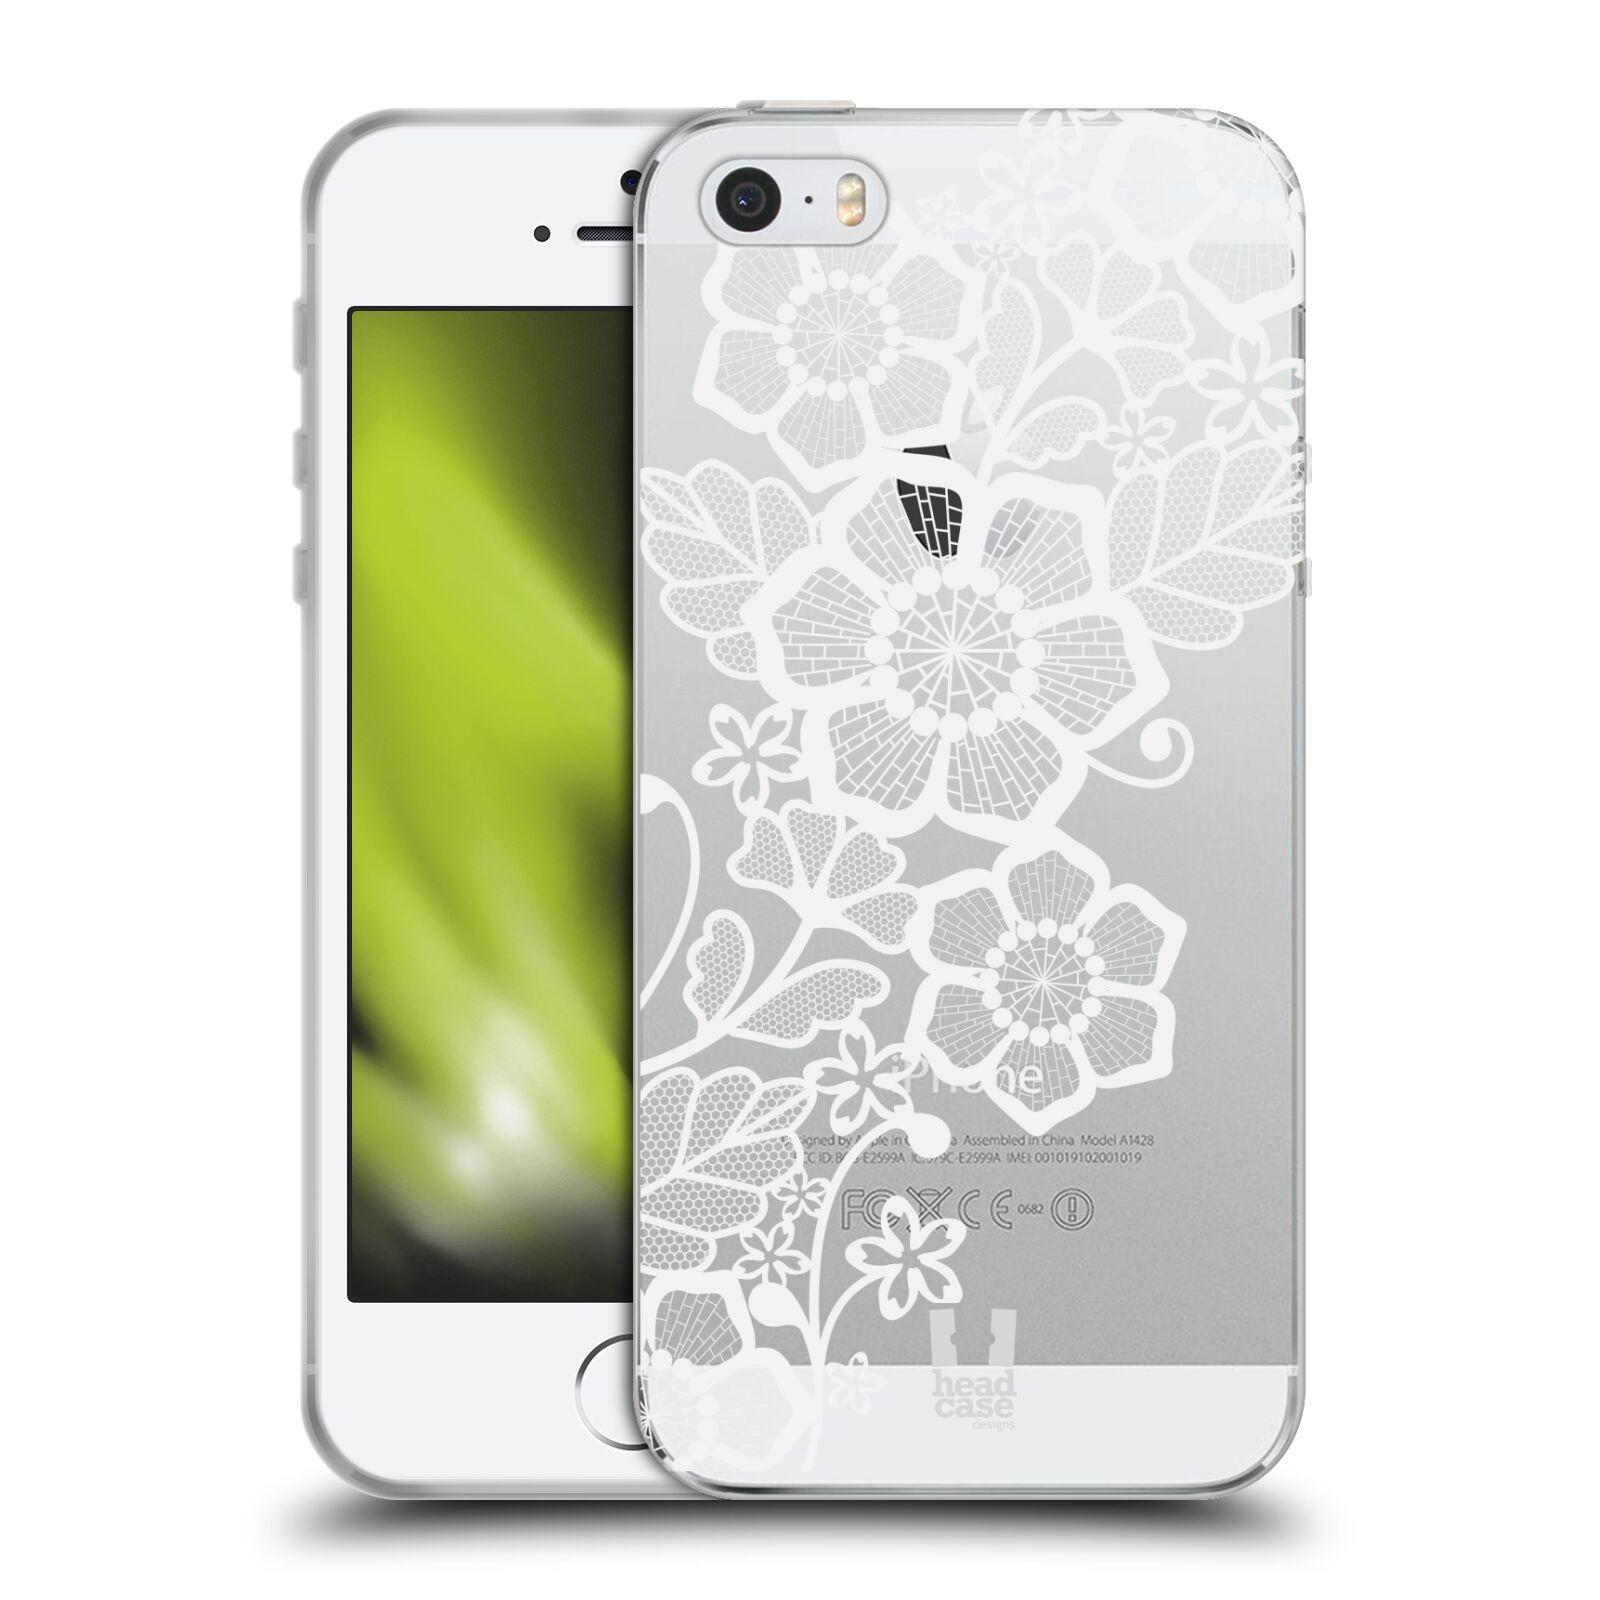 Silikonové pouzdro na mobil Apple iPhone 5, 5S, SE - Head Case - Bílé krajkové květy